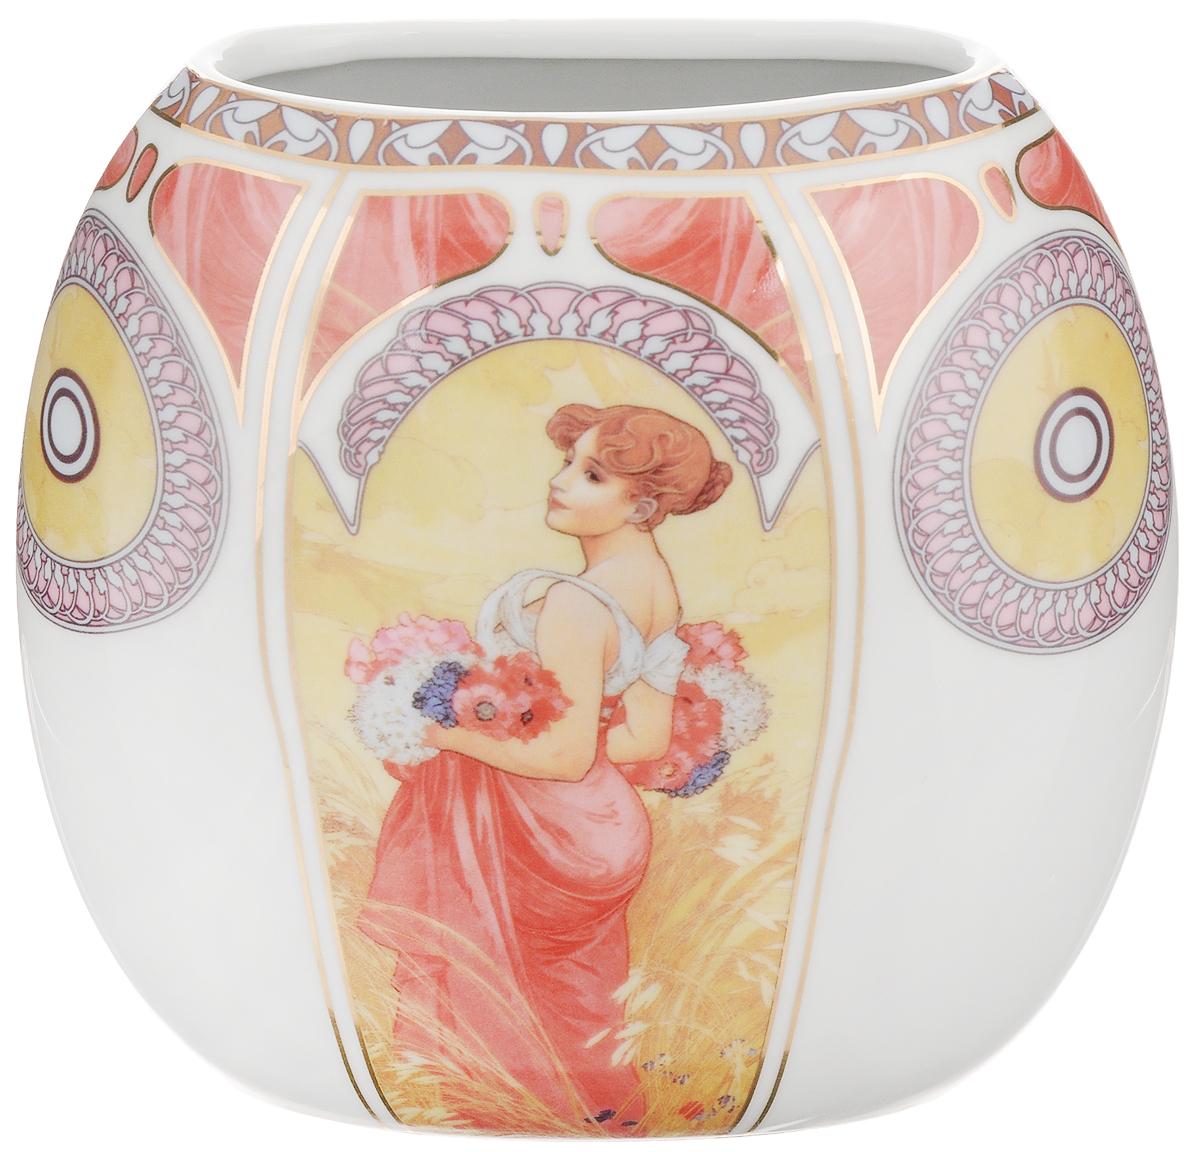 Ваза Elan Gallery Лето, высота 15 смFS-80423Декоративная ваза Elan Gallery Лето украсит ваш интерьер и будет прекрасным подарком для ваших близких! Она подойдет для небольших букетиков цветов или сухоцветов. Изделие выполнено из высококачественного фарфора и украшено ярким рисунком. Оригинальный дизайн наполнит ваш дом праздничным настроением. Такая ваза станет желанным подарком для ваших близких!Размер вазы по верхнему краю: 11 х 5,5 см.Размер дна: 11 х 5,5 см.Высота вазы: 15 см.